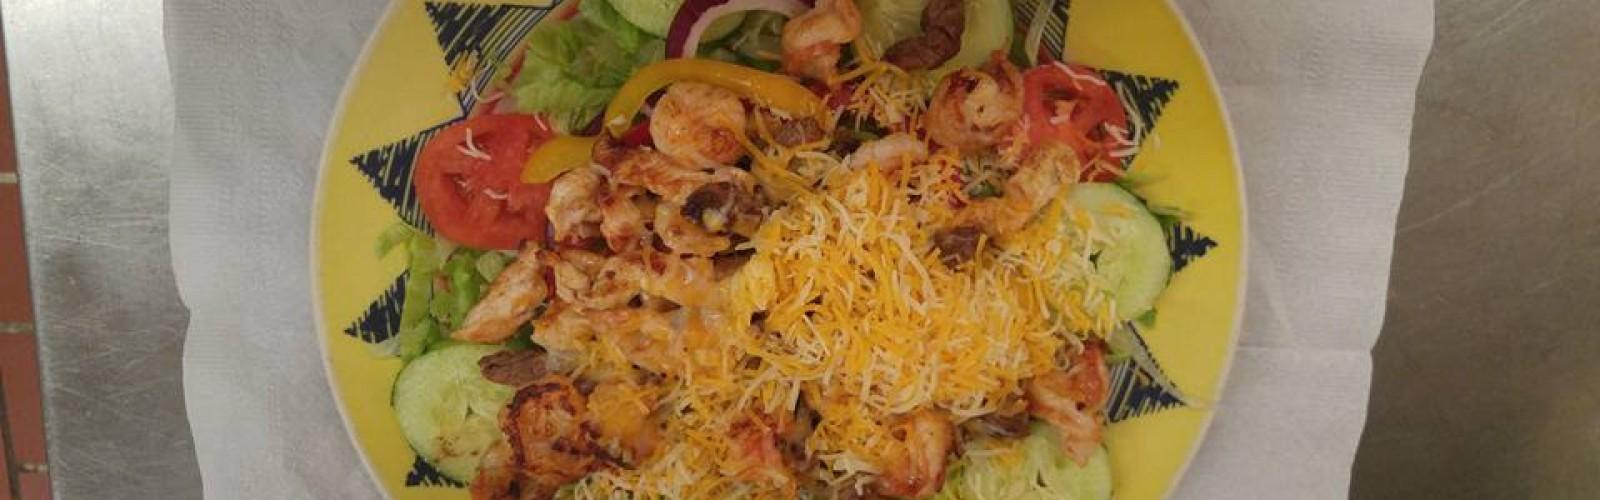 El Puerto Mexican Restaurant & Cantina